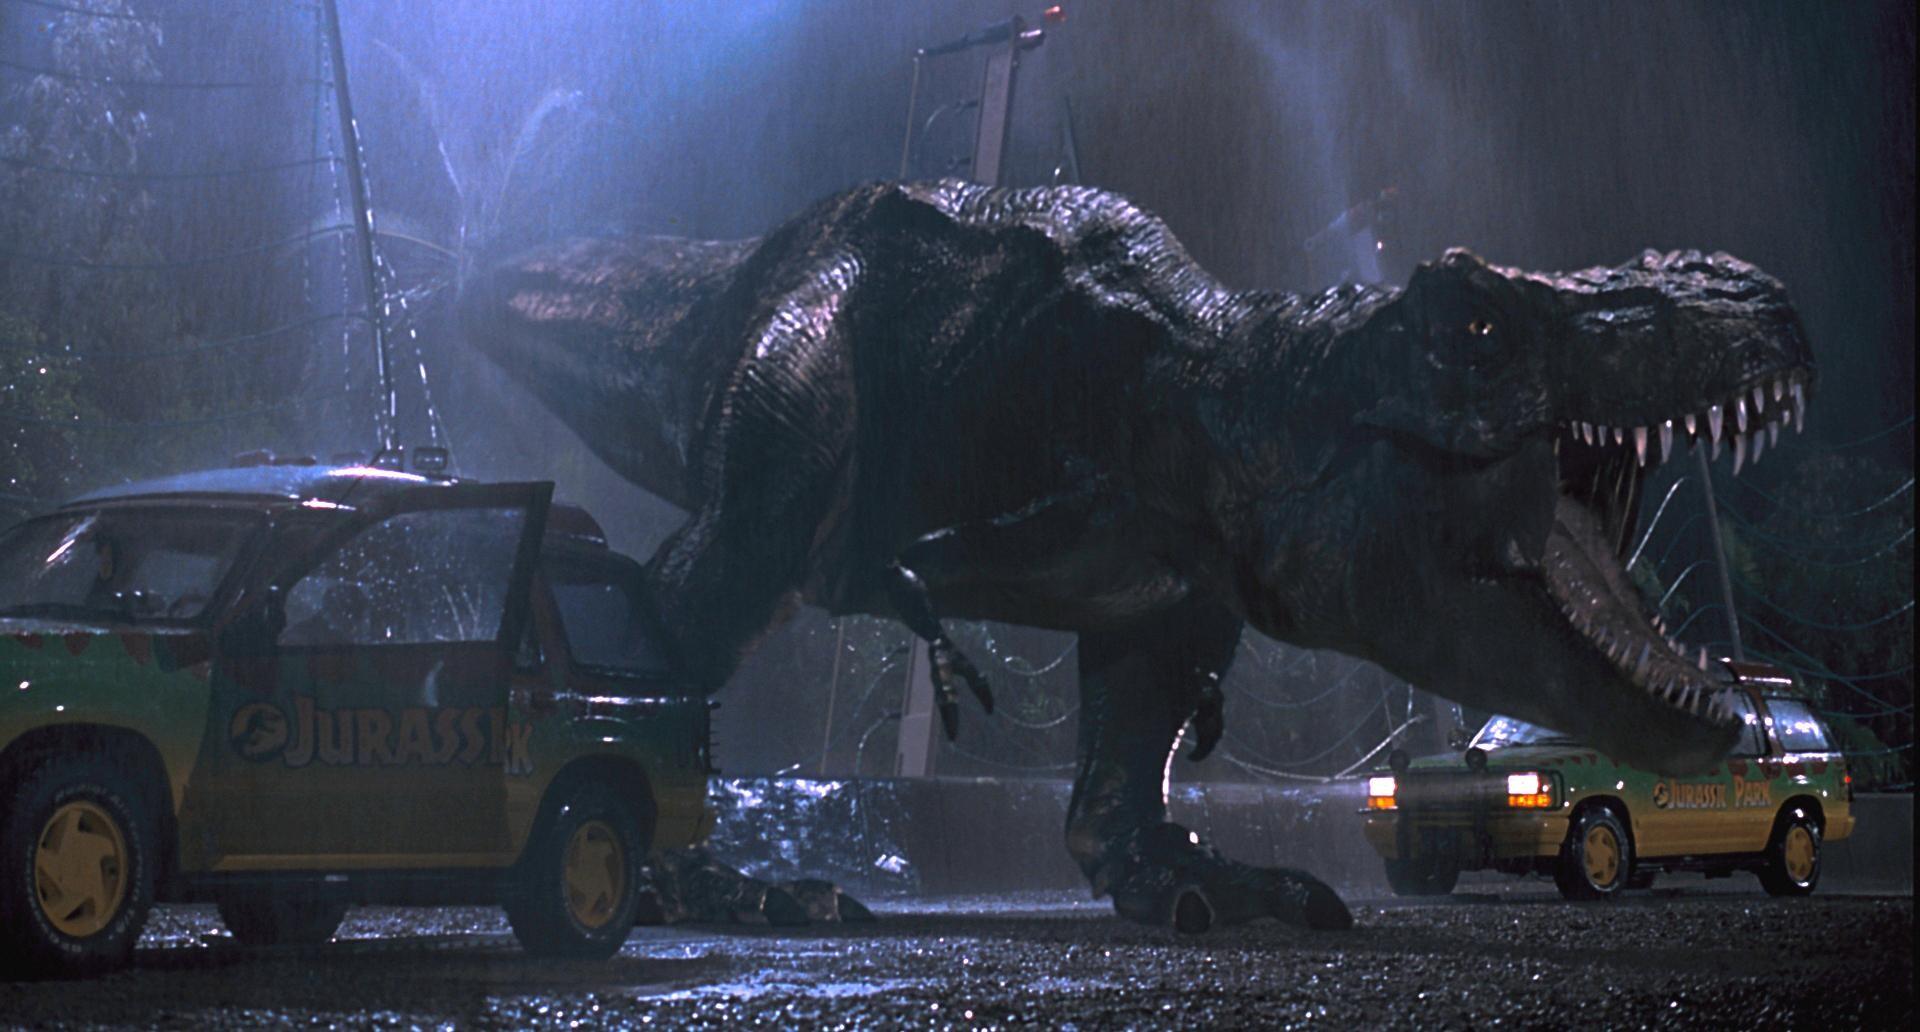 Jurassic Park: a franquia que vive até hoje foi iniciada pelo diretor Steven Spielberg (Foto: Divulgação)